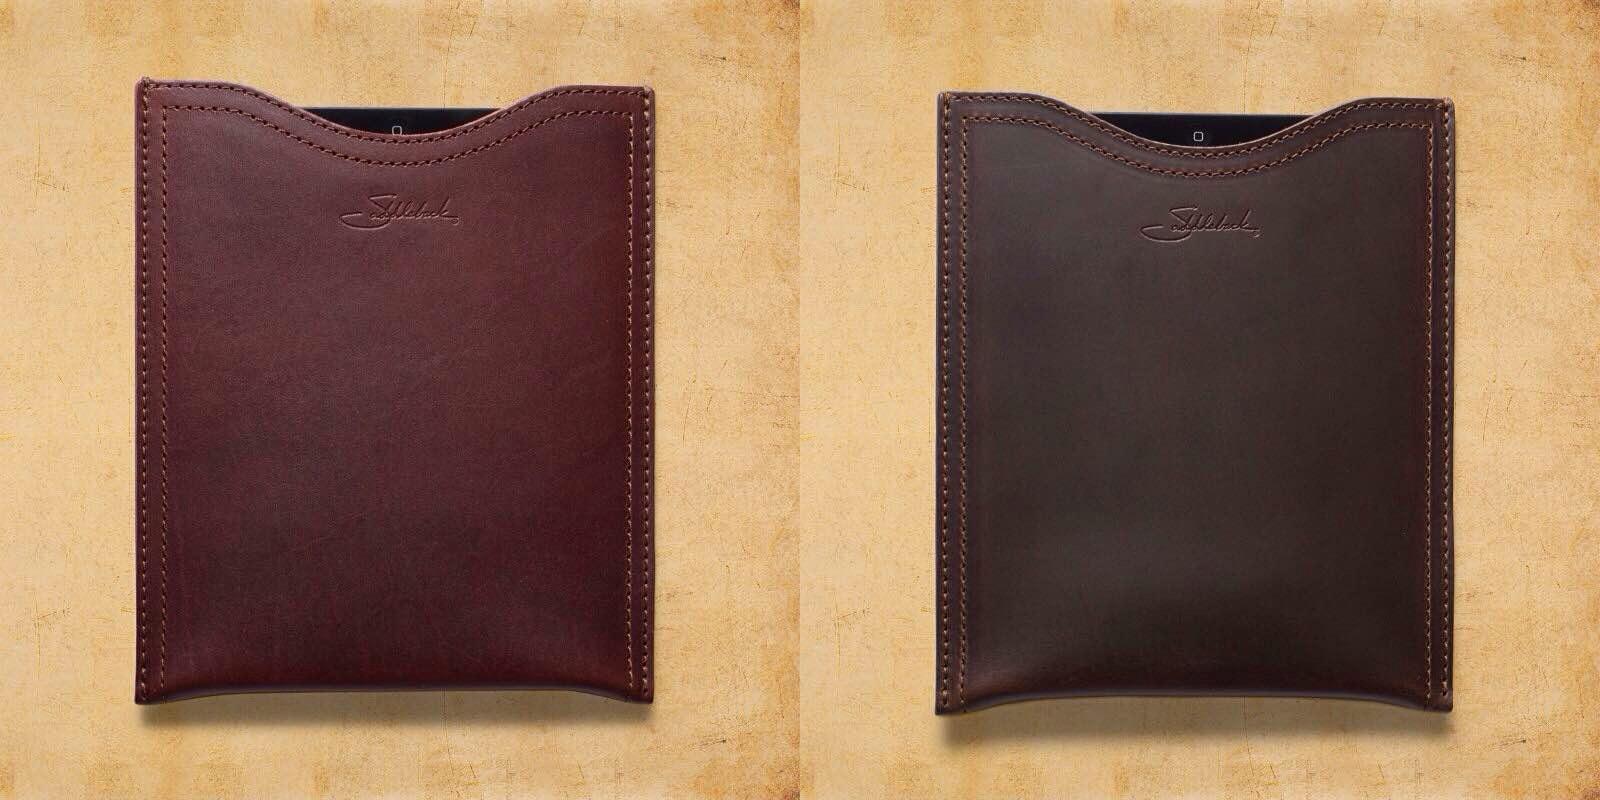 saddleback-leather-ipad-air-sleeve